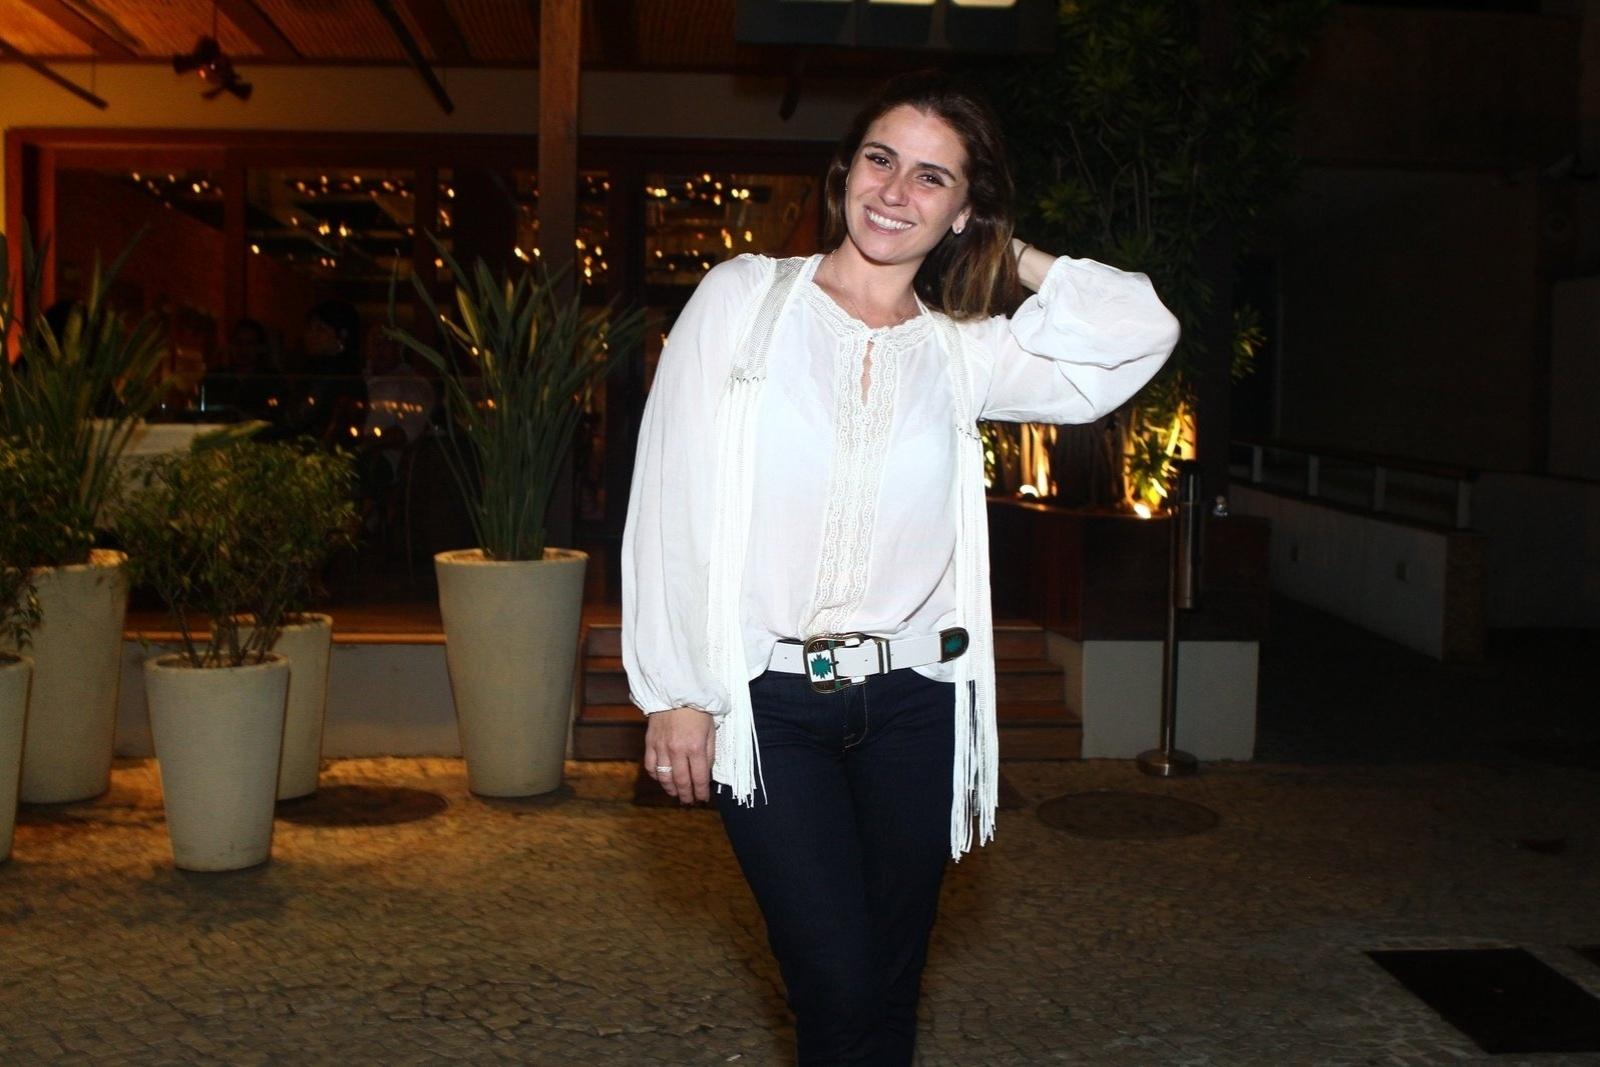 6.ago.2013 - Giovanna Antonelli na inauguração do restaurante Paris 6 na Barra da Tijuca, no Rio de Janeiro